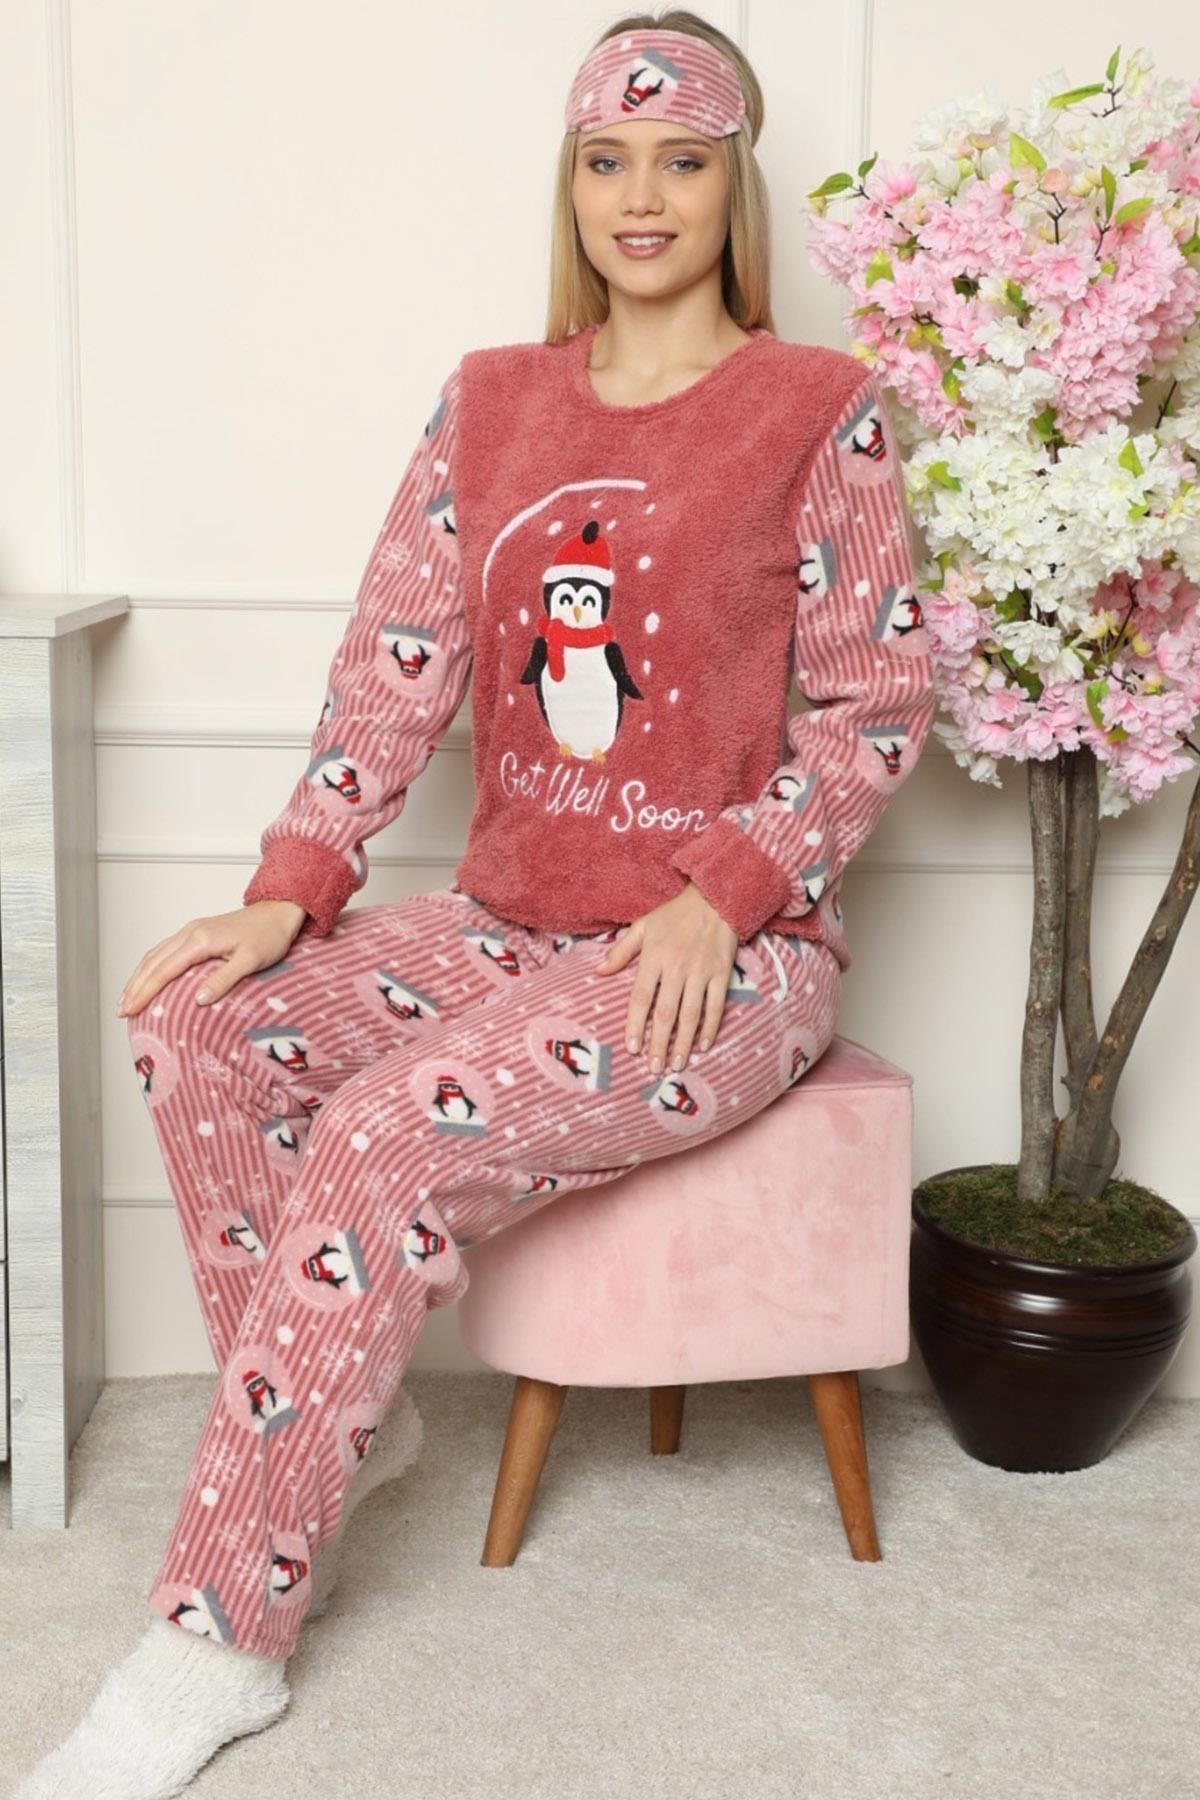 Pijamaevi Get Well Soon Desenli Kadın Peluş Pijama Takımı 1